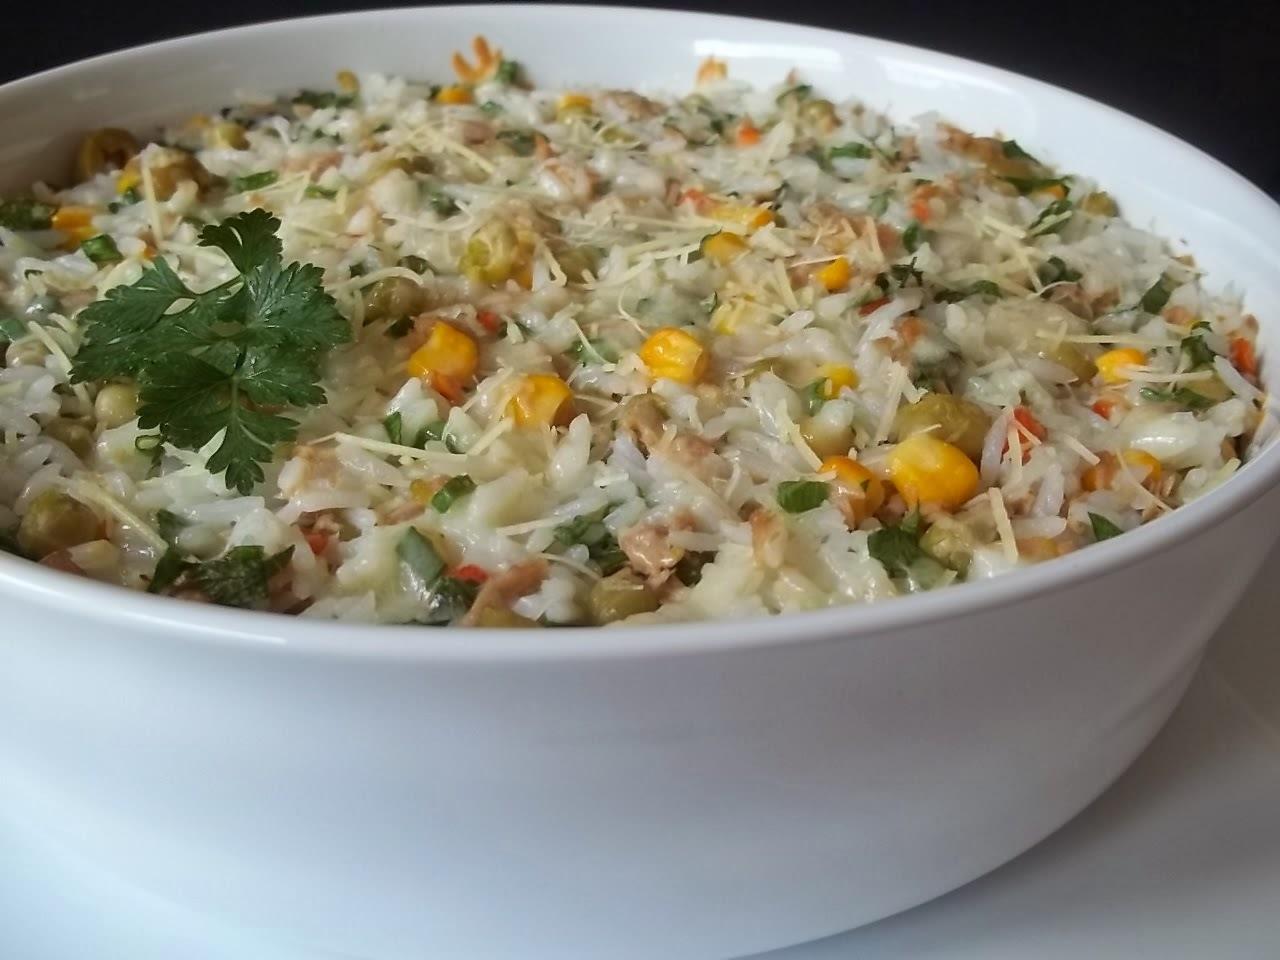 arroz com atum ralado